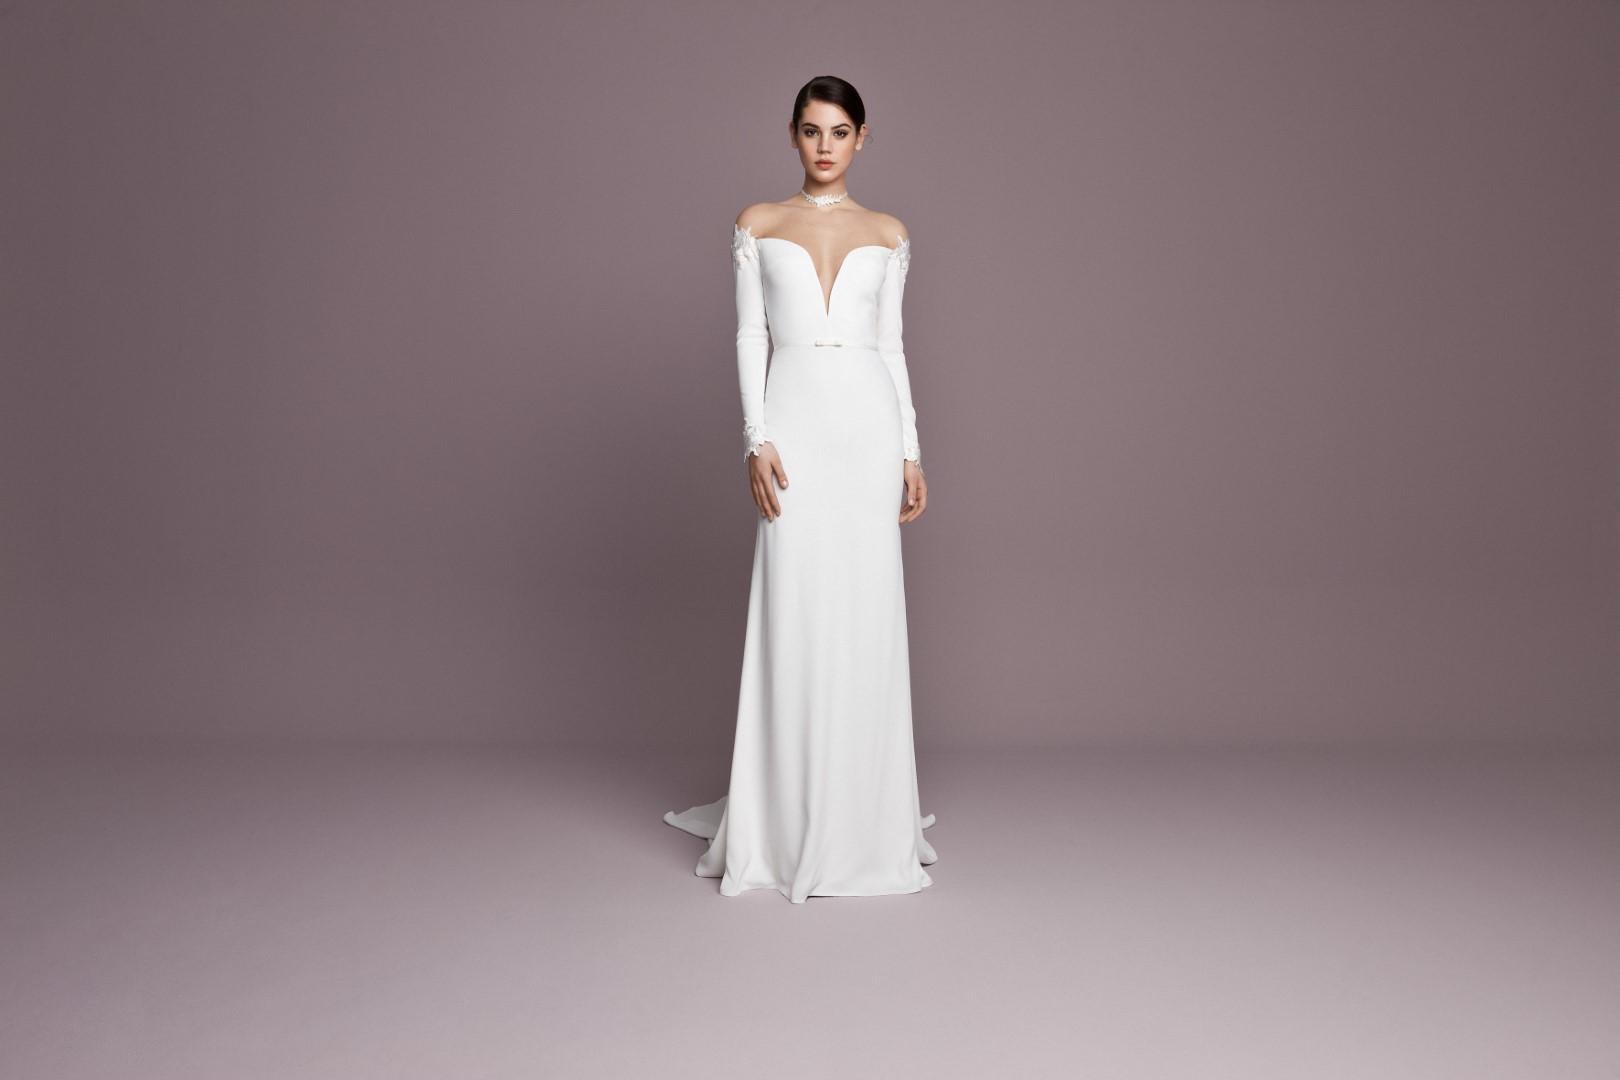 menyasszonyi-ruha-trendek-2019-nyitottvall-7